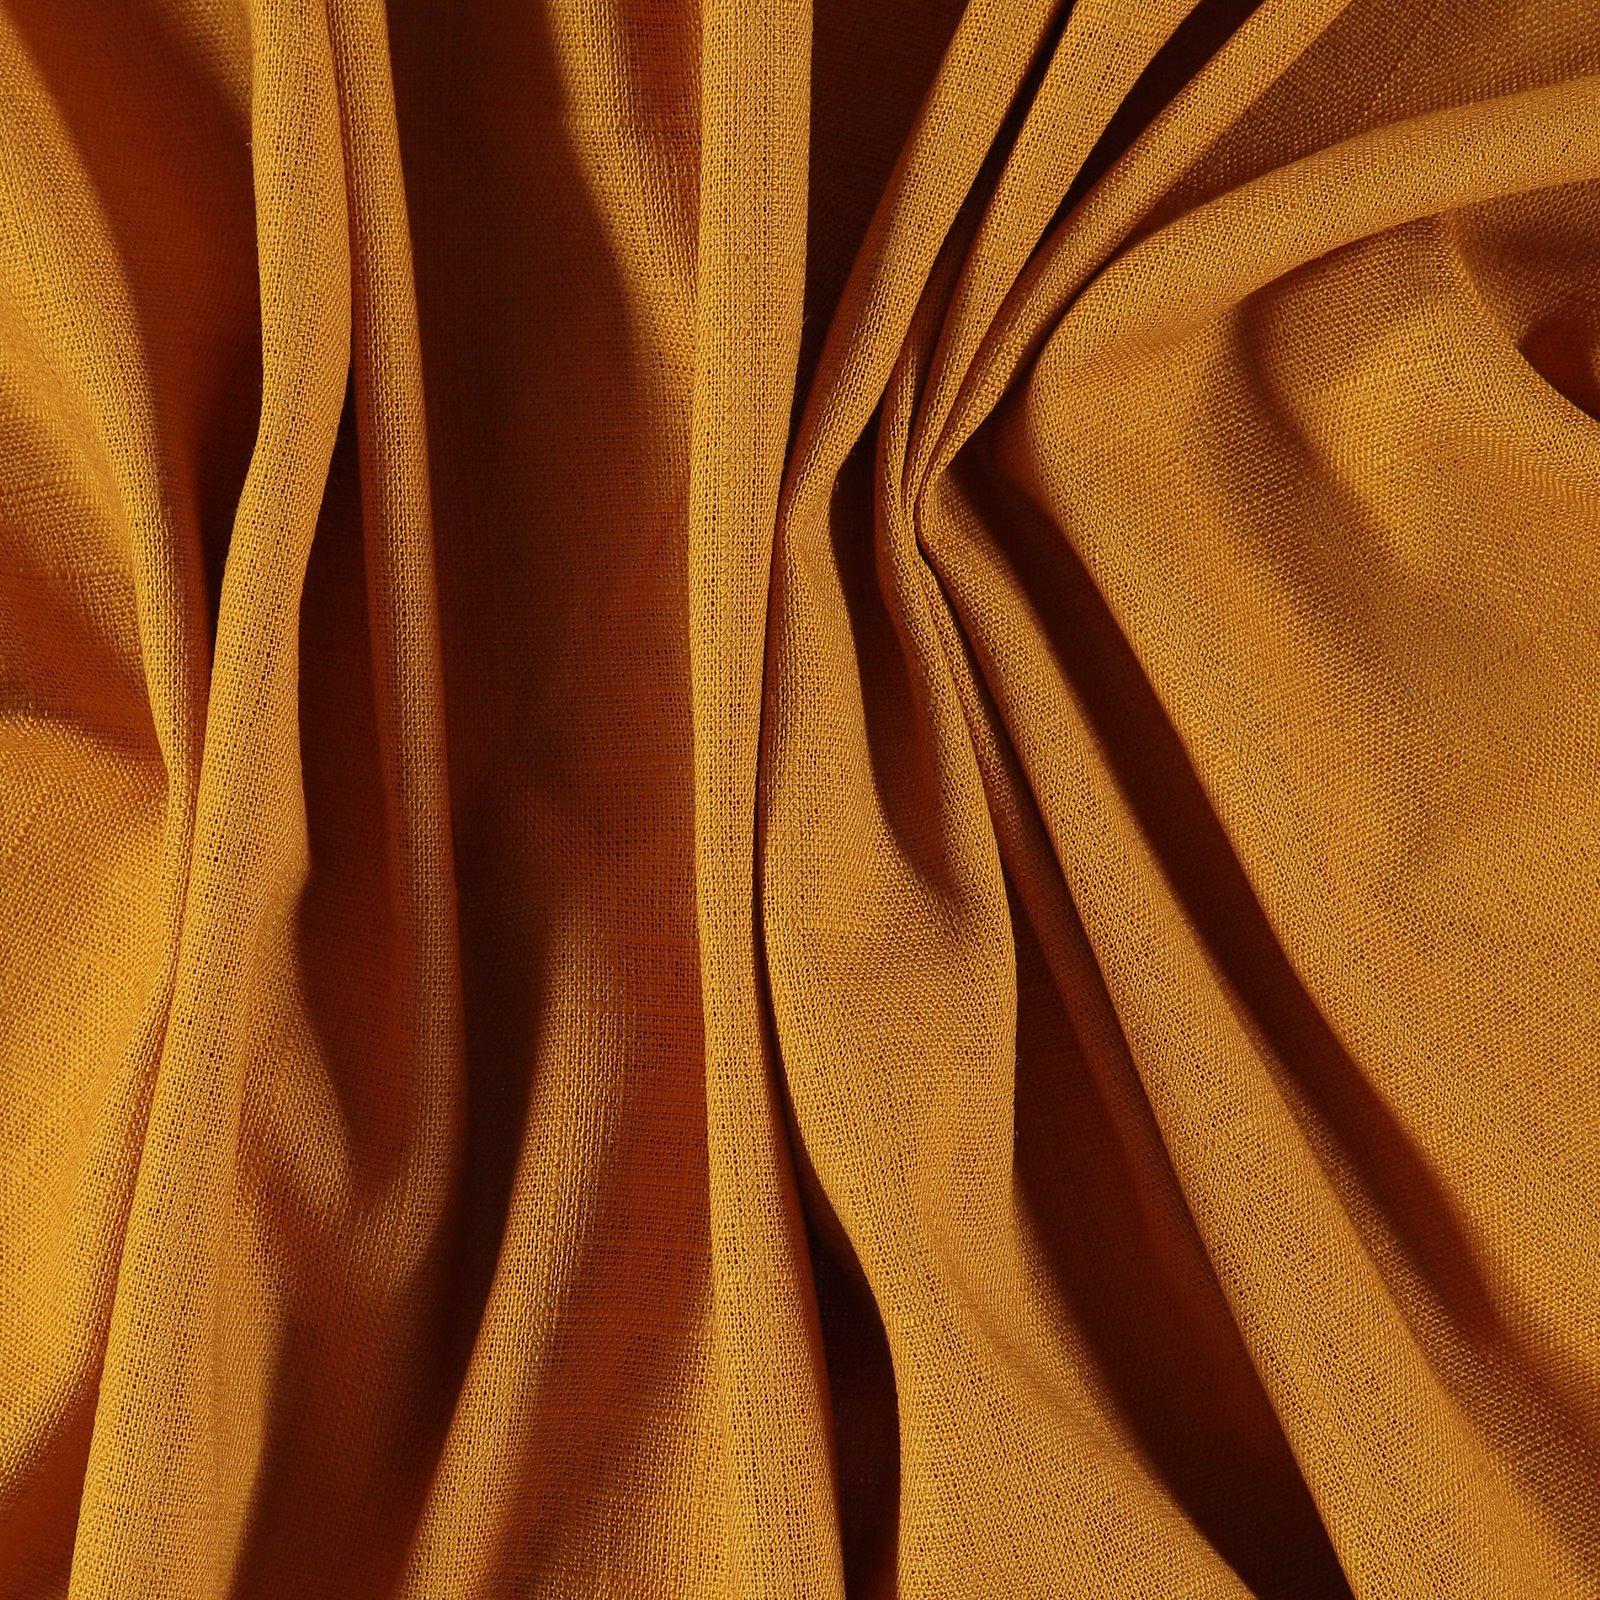 Leinen/Viskose mit Struktur, gold Curry